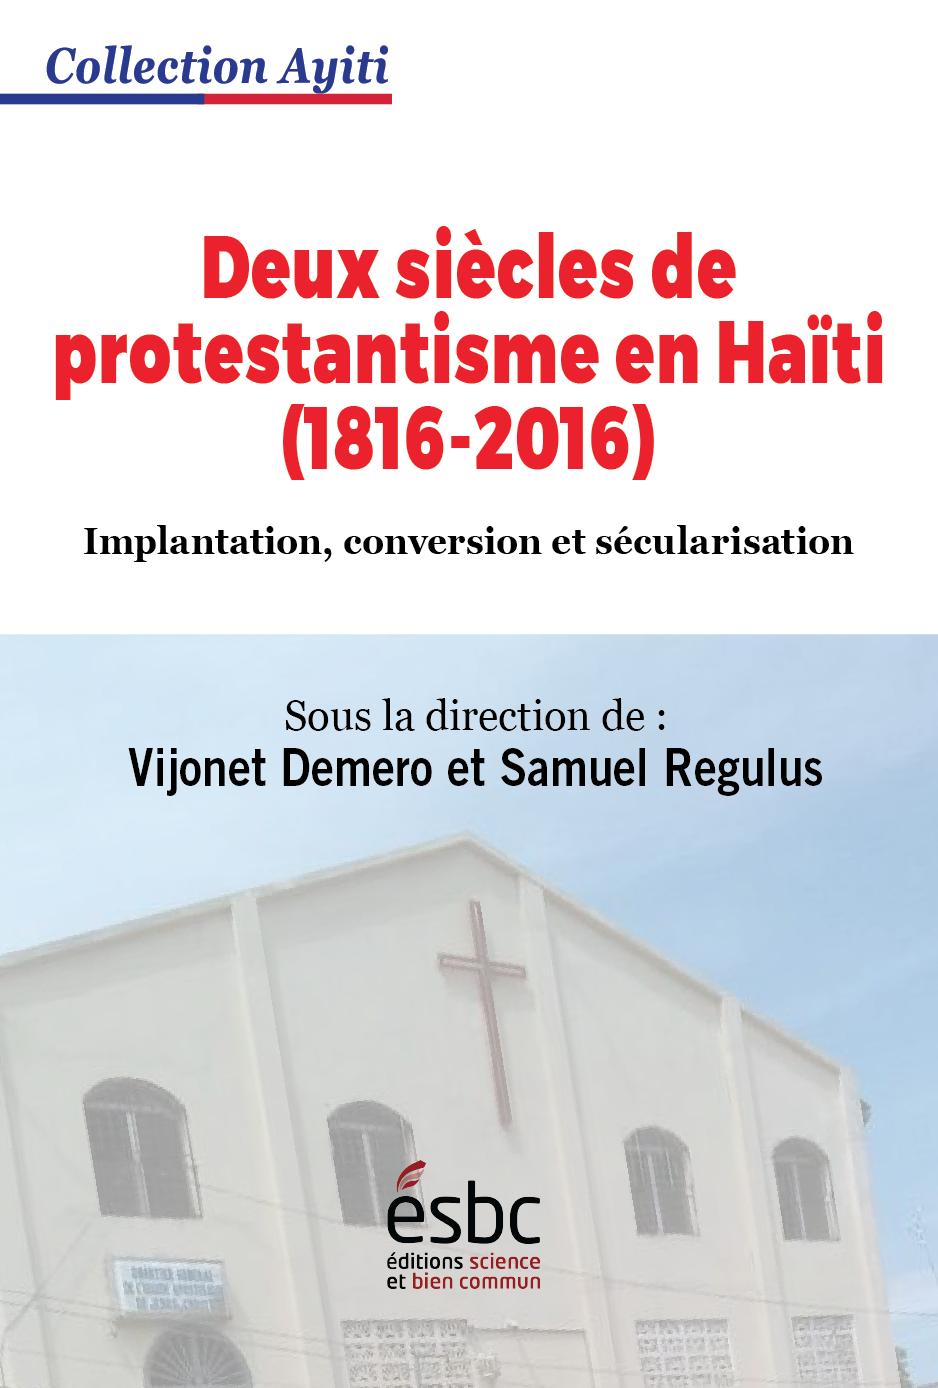 Deux siècles de protestantisme en Haïti (1816-2016)